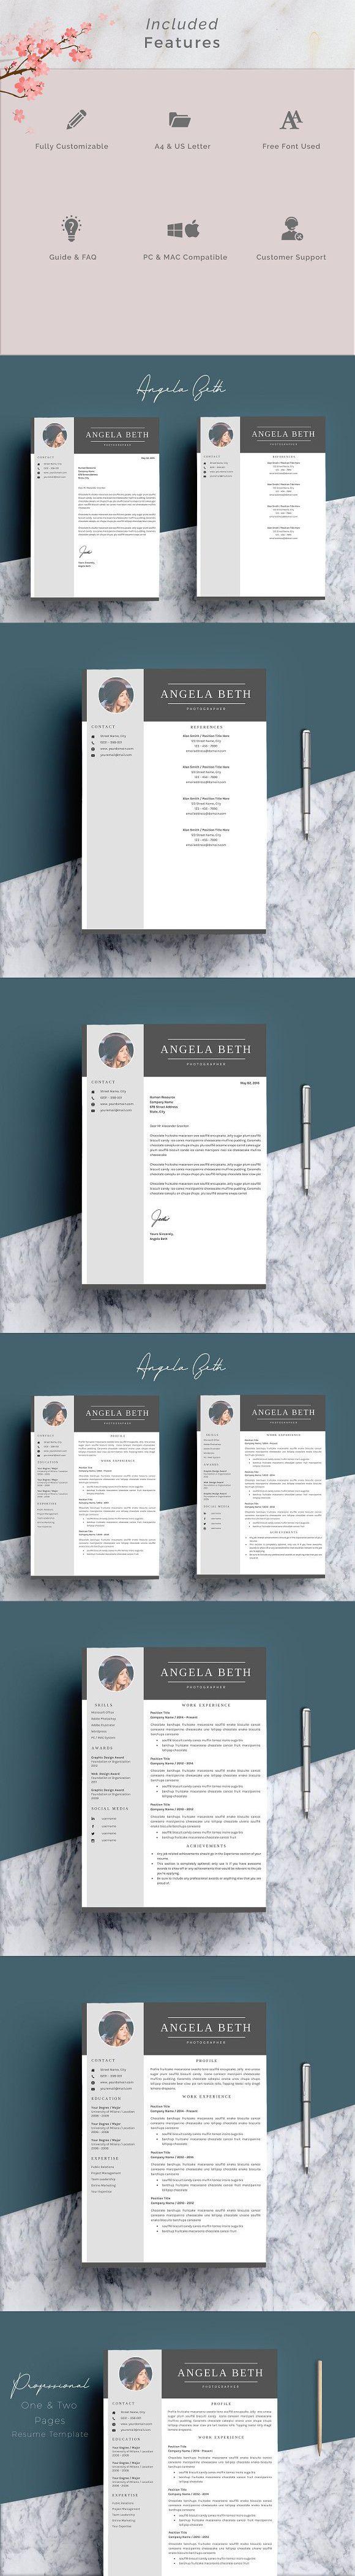 Résumé Templates Amber Resume templates, Creative